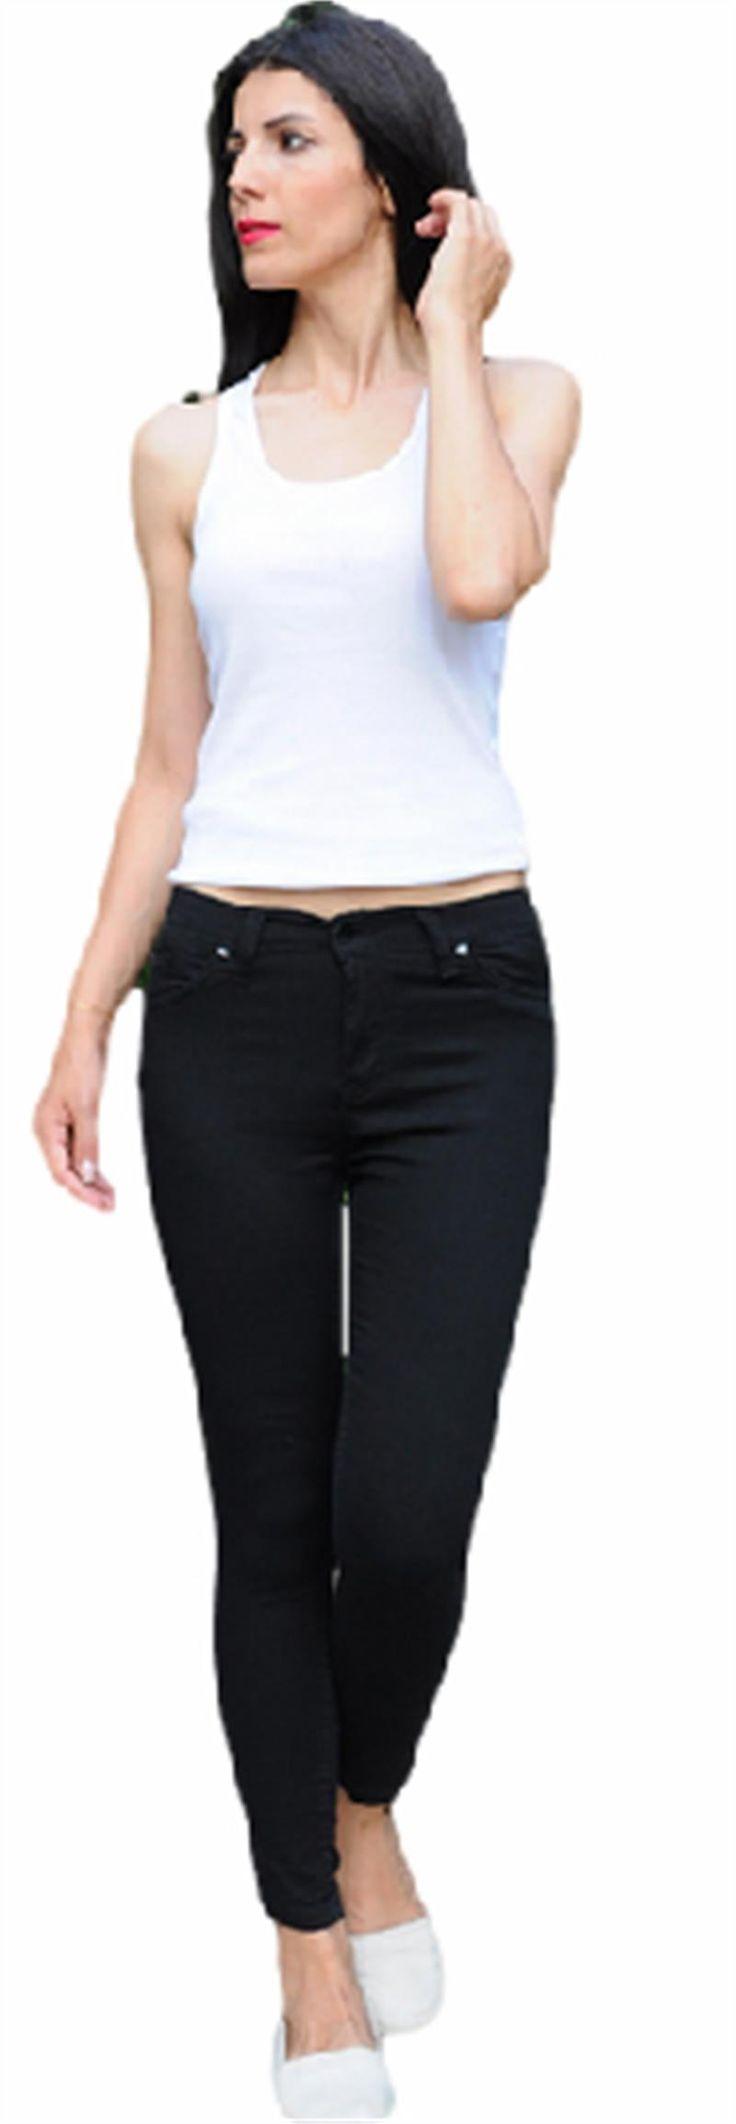 Siyah Pantolon | Modelleri ve Uygun Fiyat Avantajıyla | Modabenle